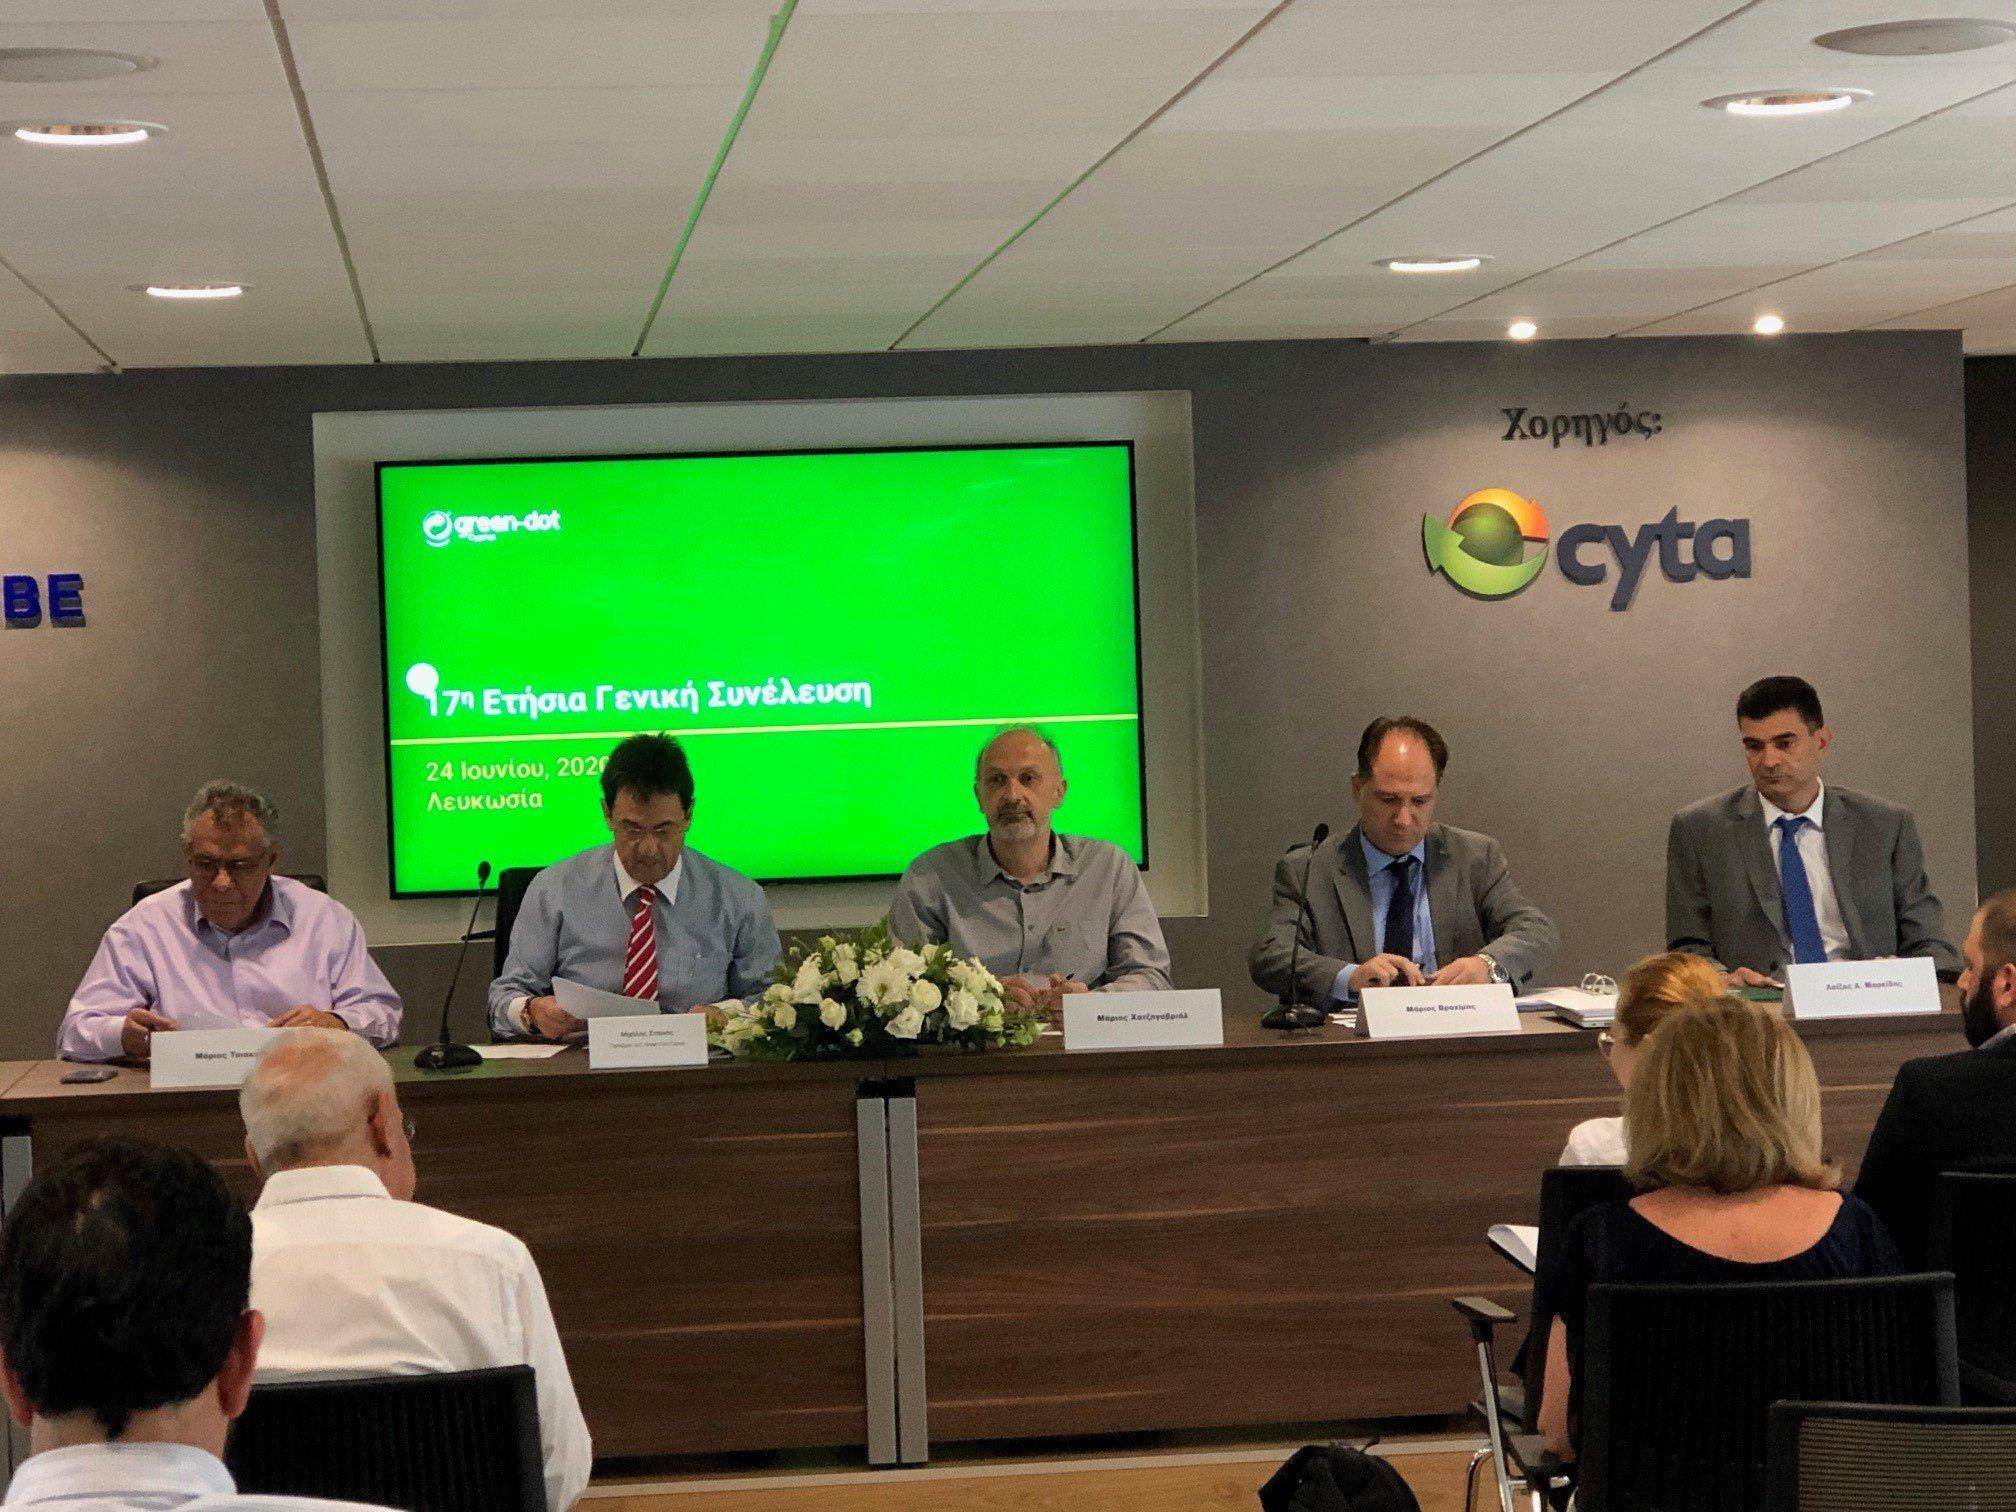 Ετήσια Γενική Συνέλευση Green Dot Cyprus